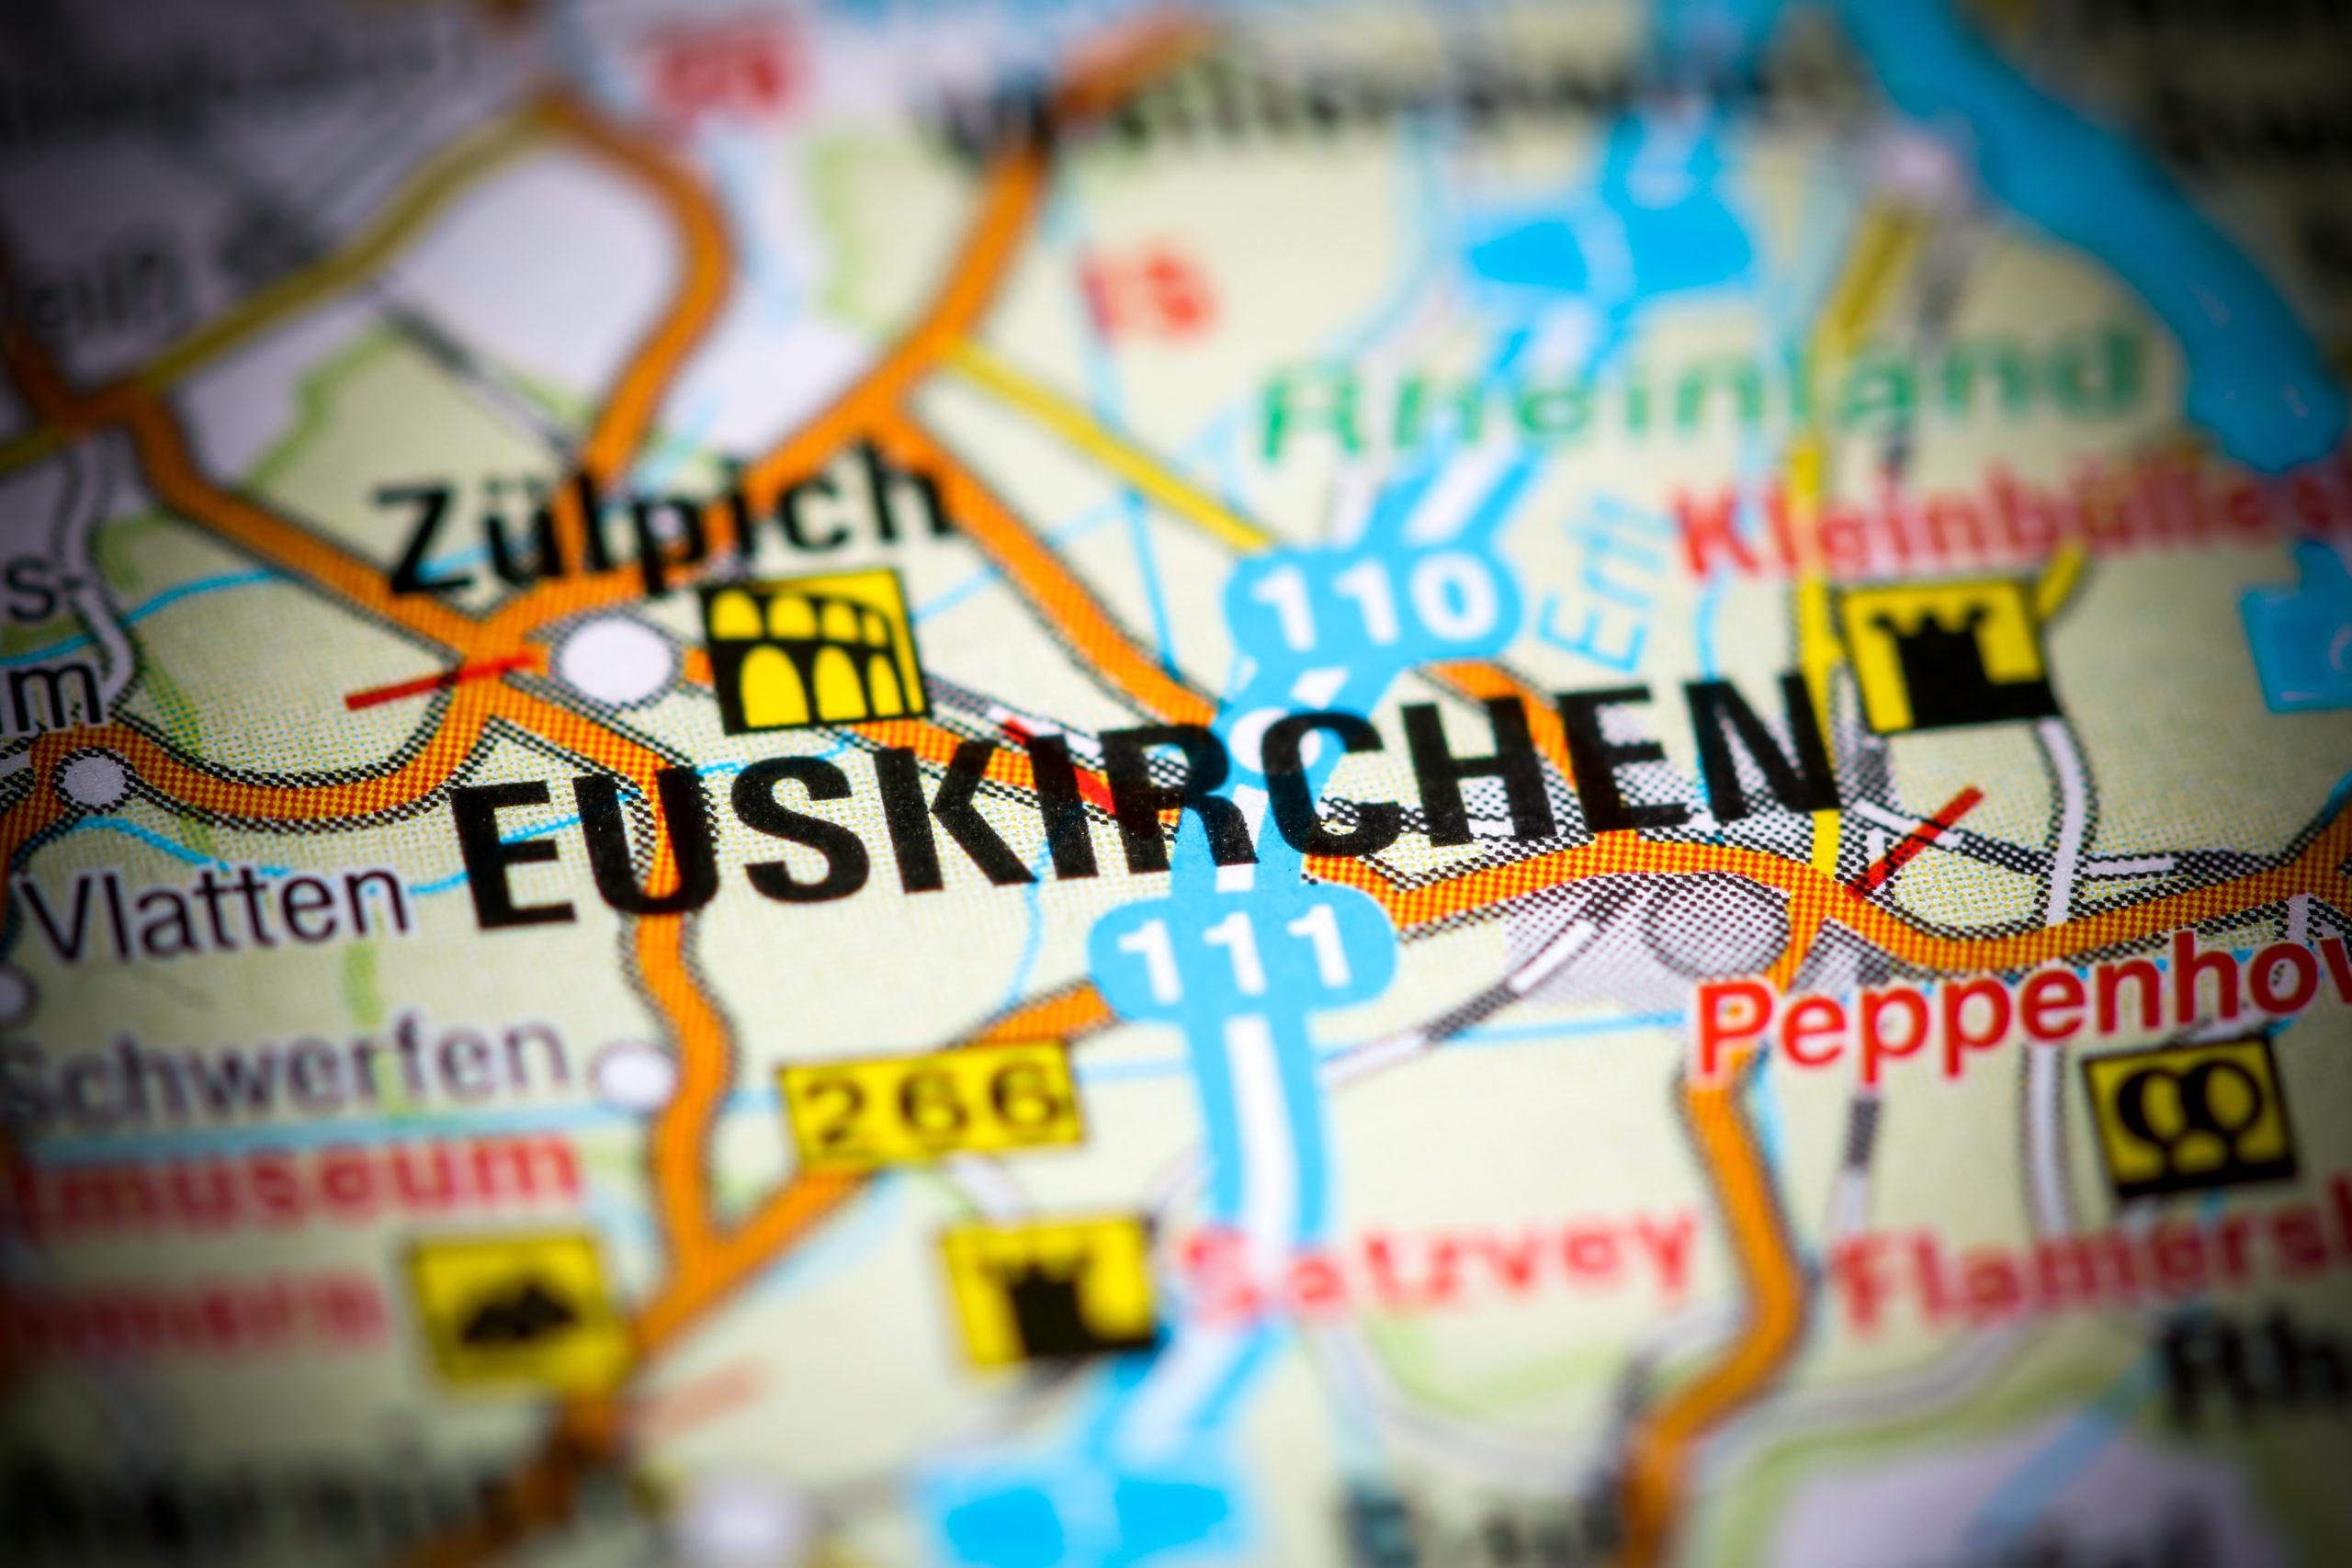 Haushaltsauflösung und Entrümpelung in Euskirchen